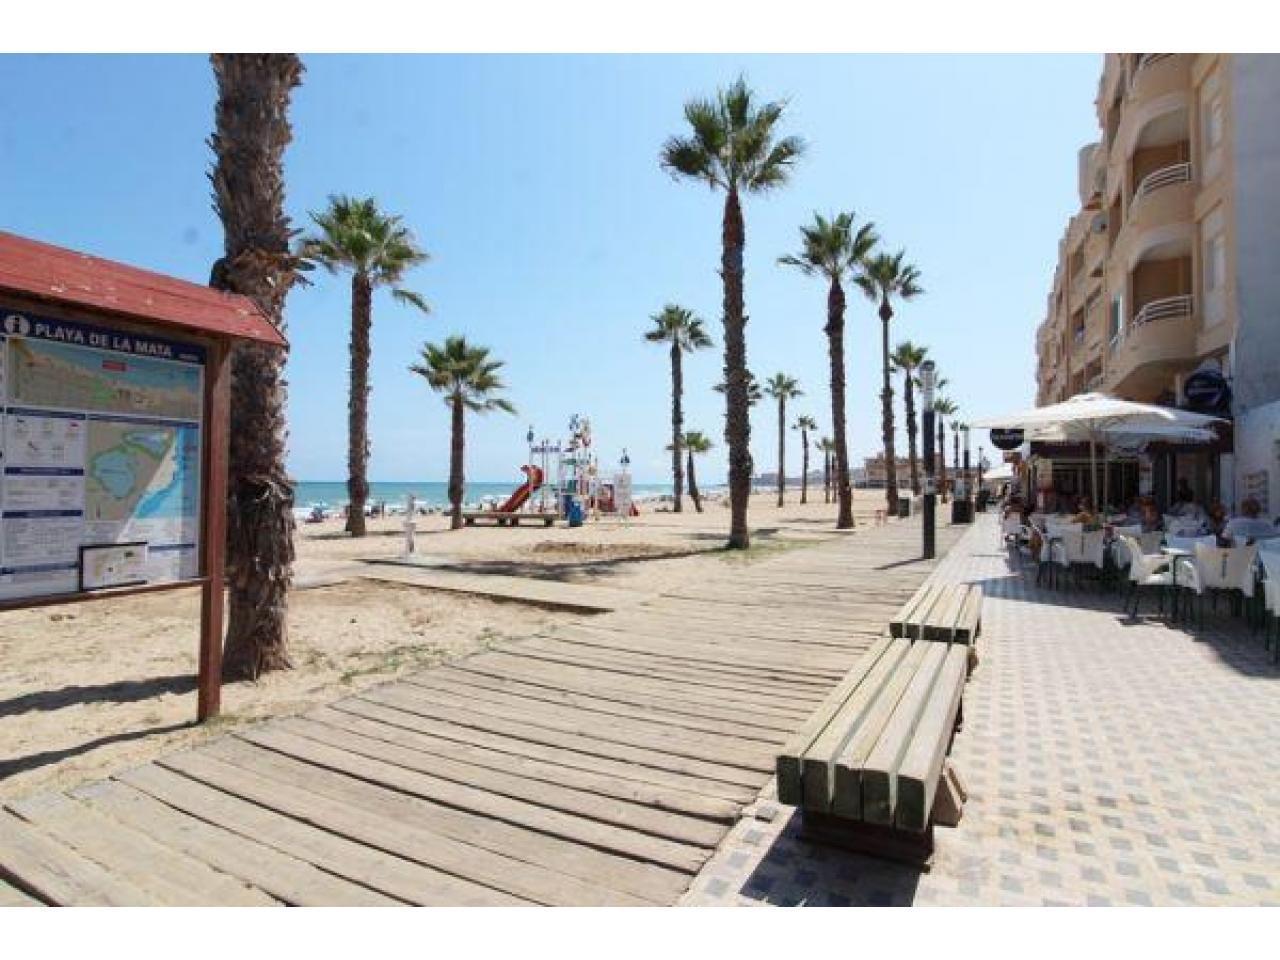 Недвижимость в Испании, Квартира с видами на море в Ла Мата,Коста Бланка,Испания - 10